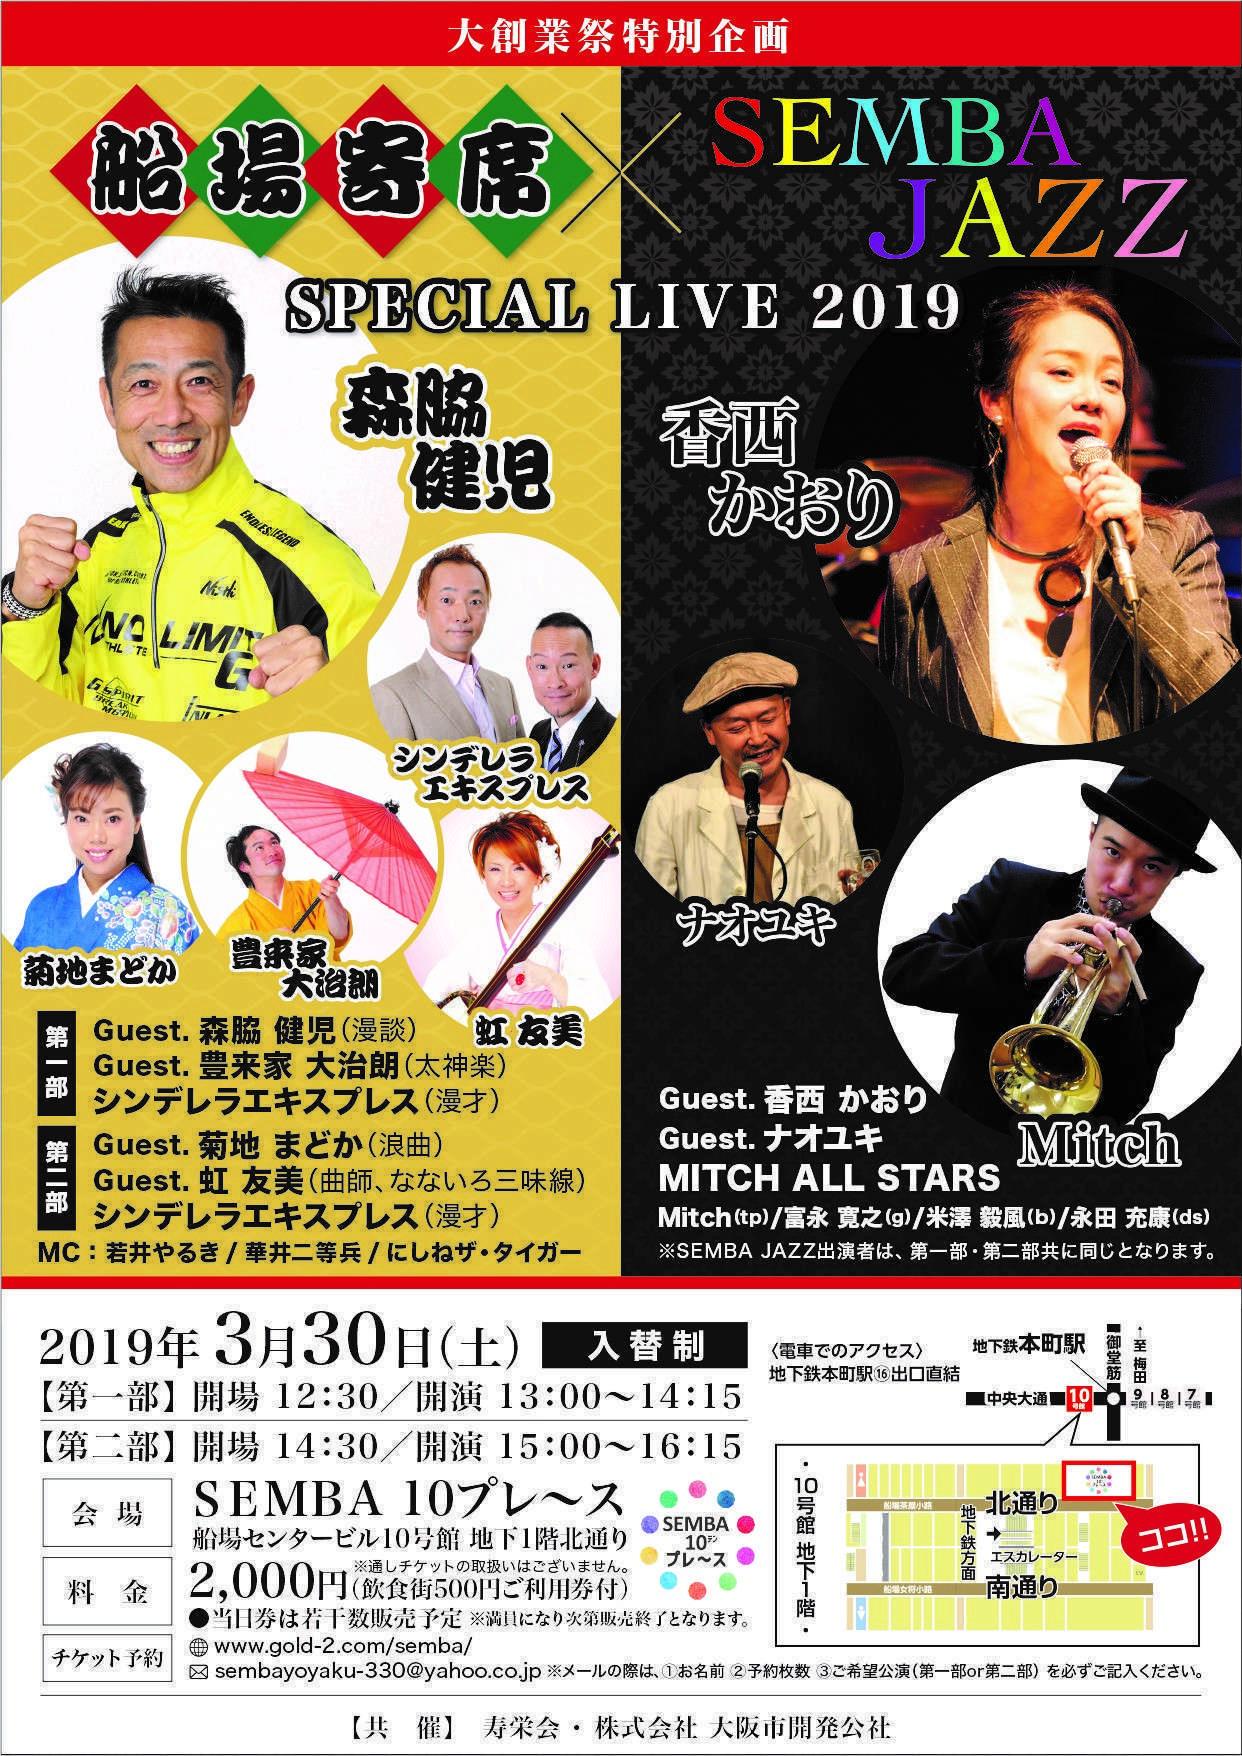 【イベント】船場寄席×SEMBA JAZZ ―SPECIAL LIVE 2019-